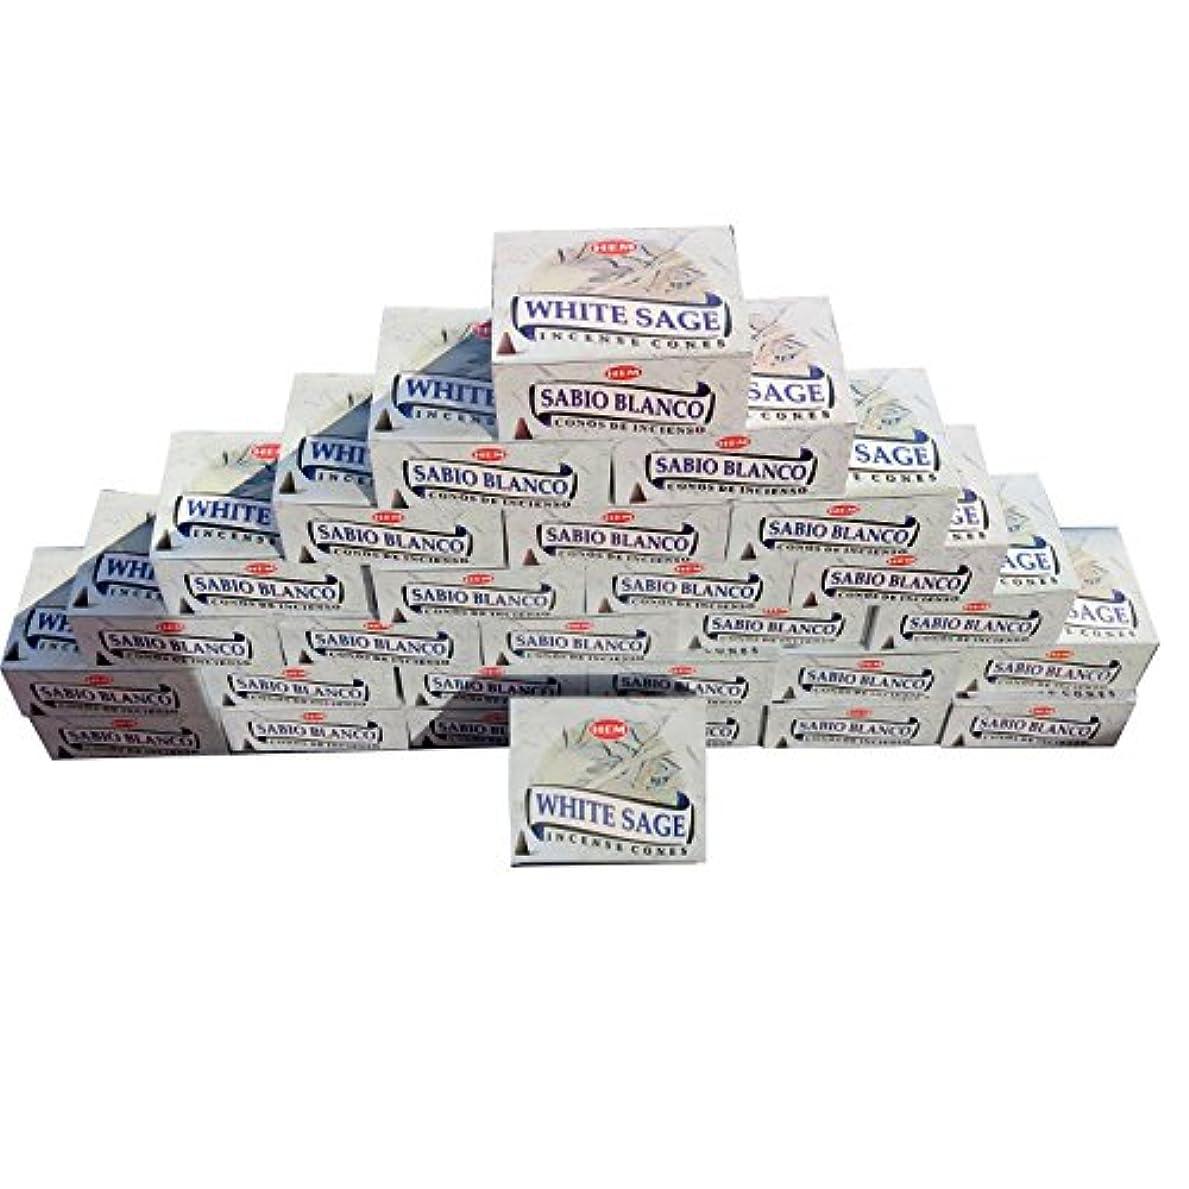 ボンドローズ男らしい業務用 インドコーン形お香 ホワイトセージ 360箱入り (ホワイトセージ)